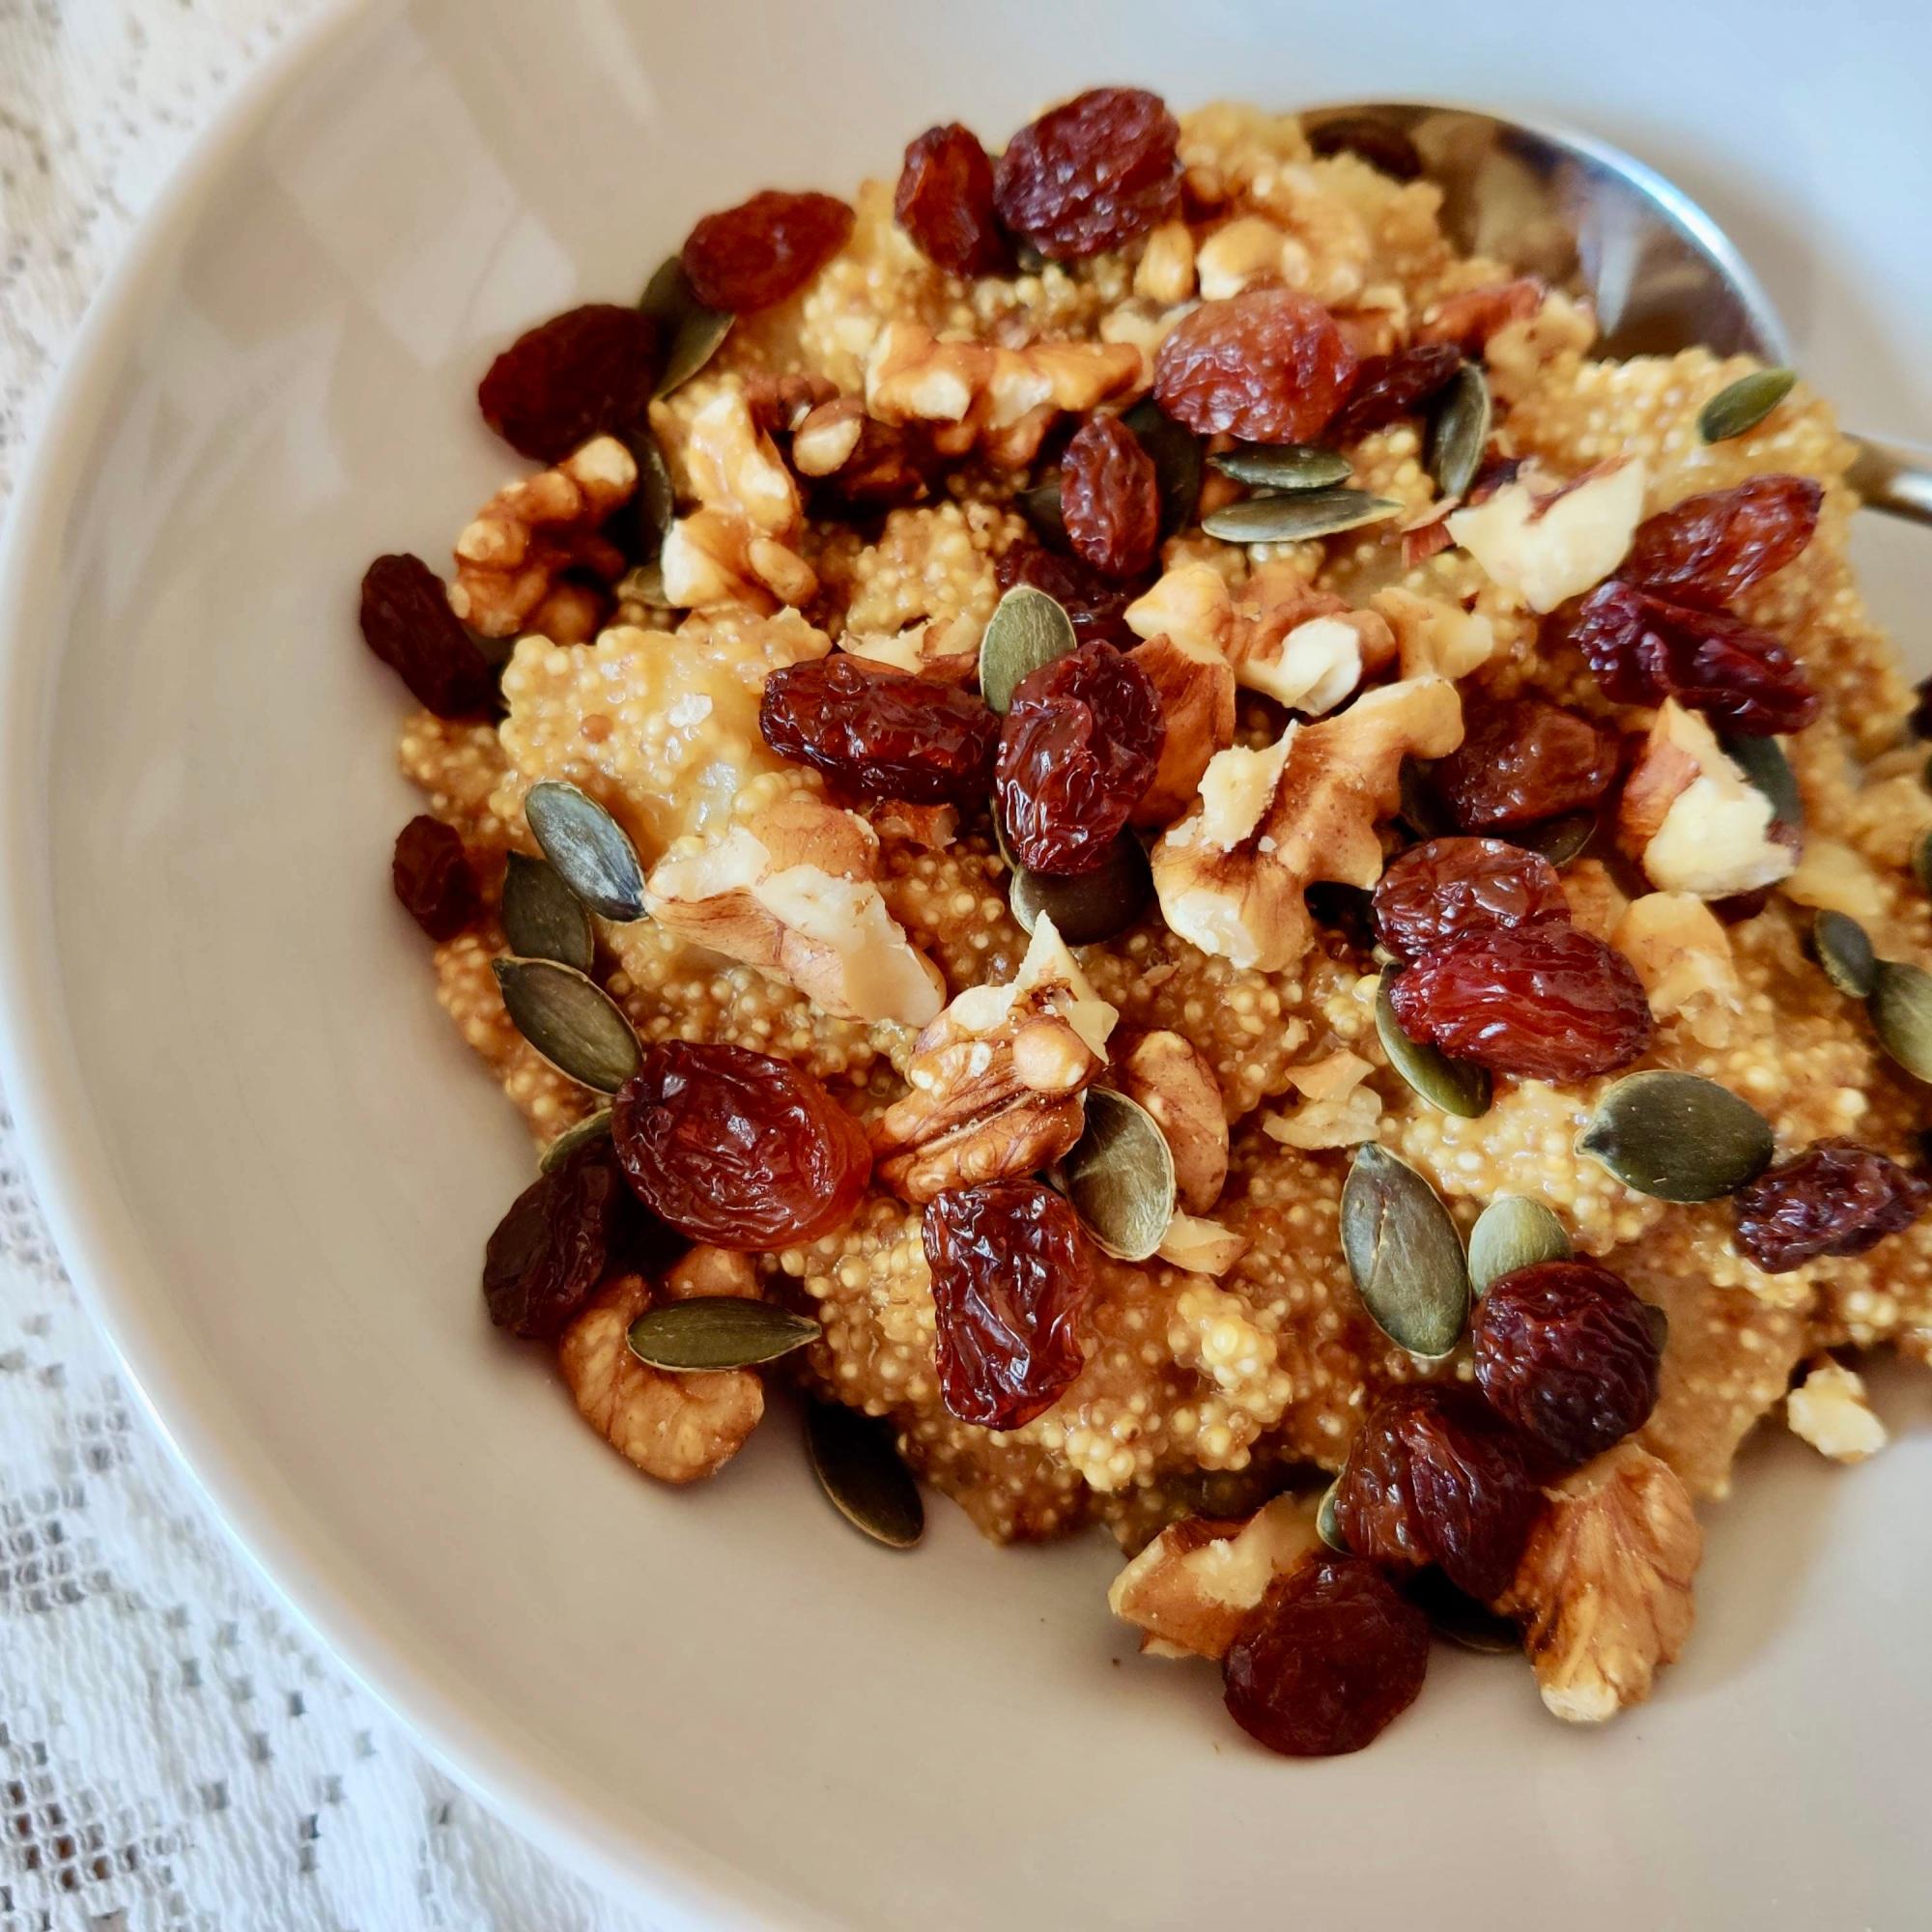 Certified gluten-free quinoa is an ideal alternative to oats.